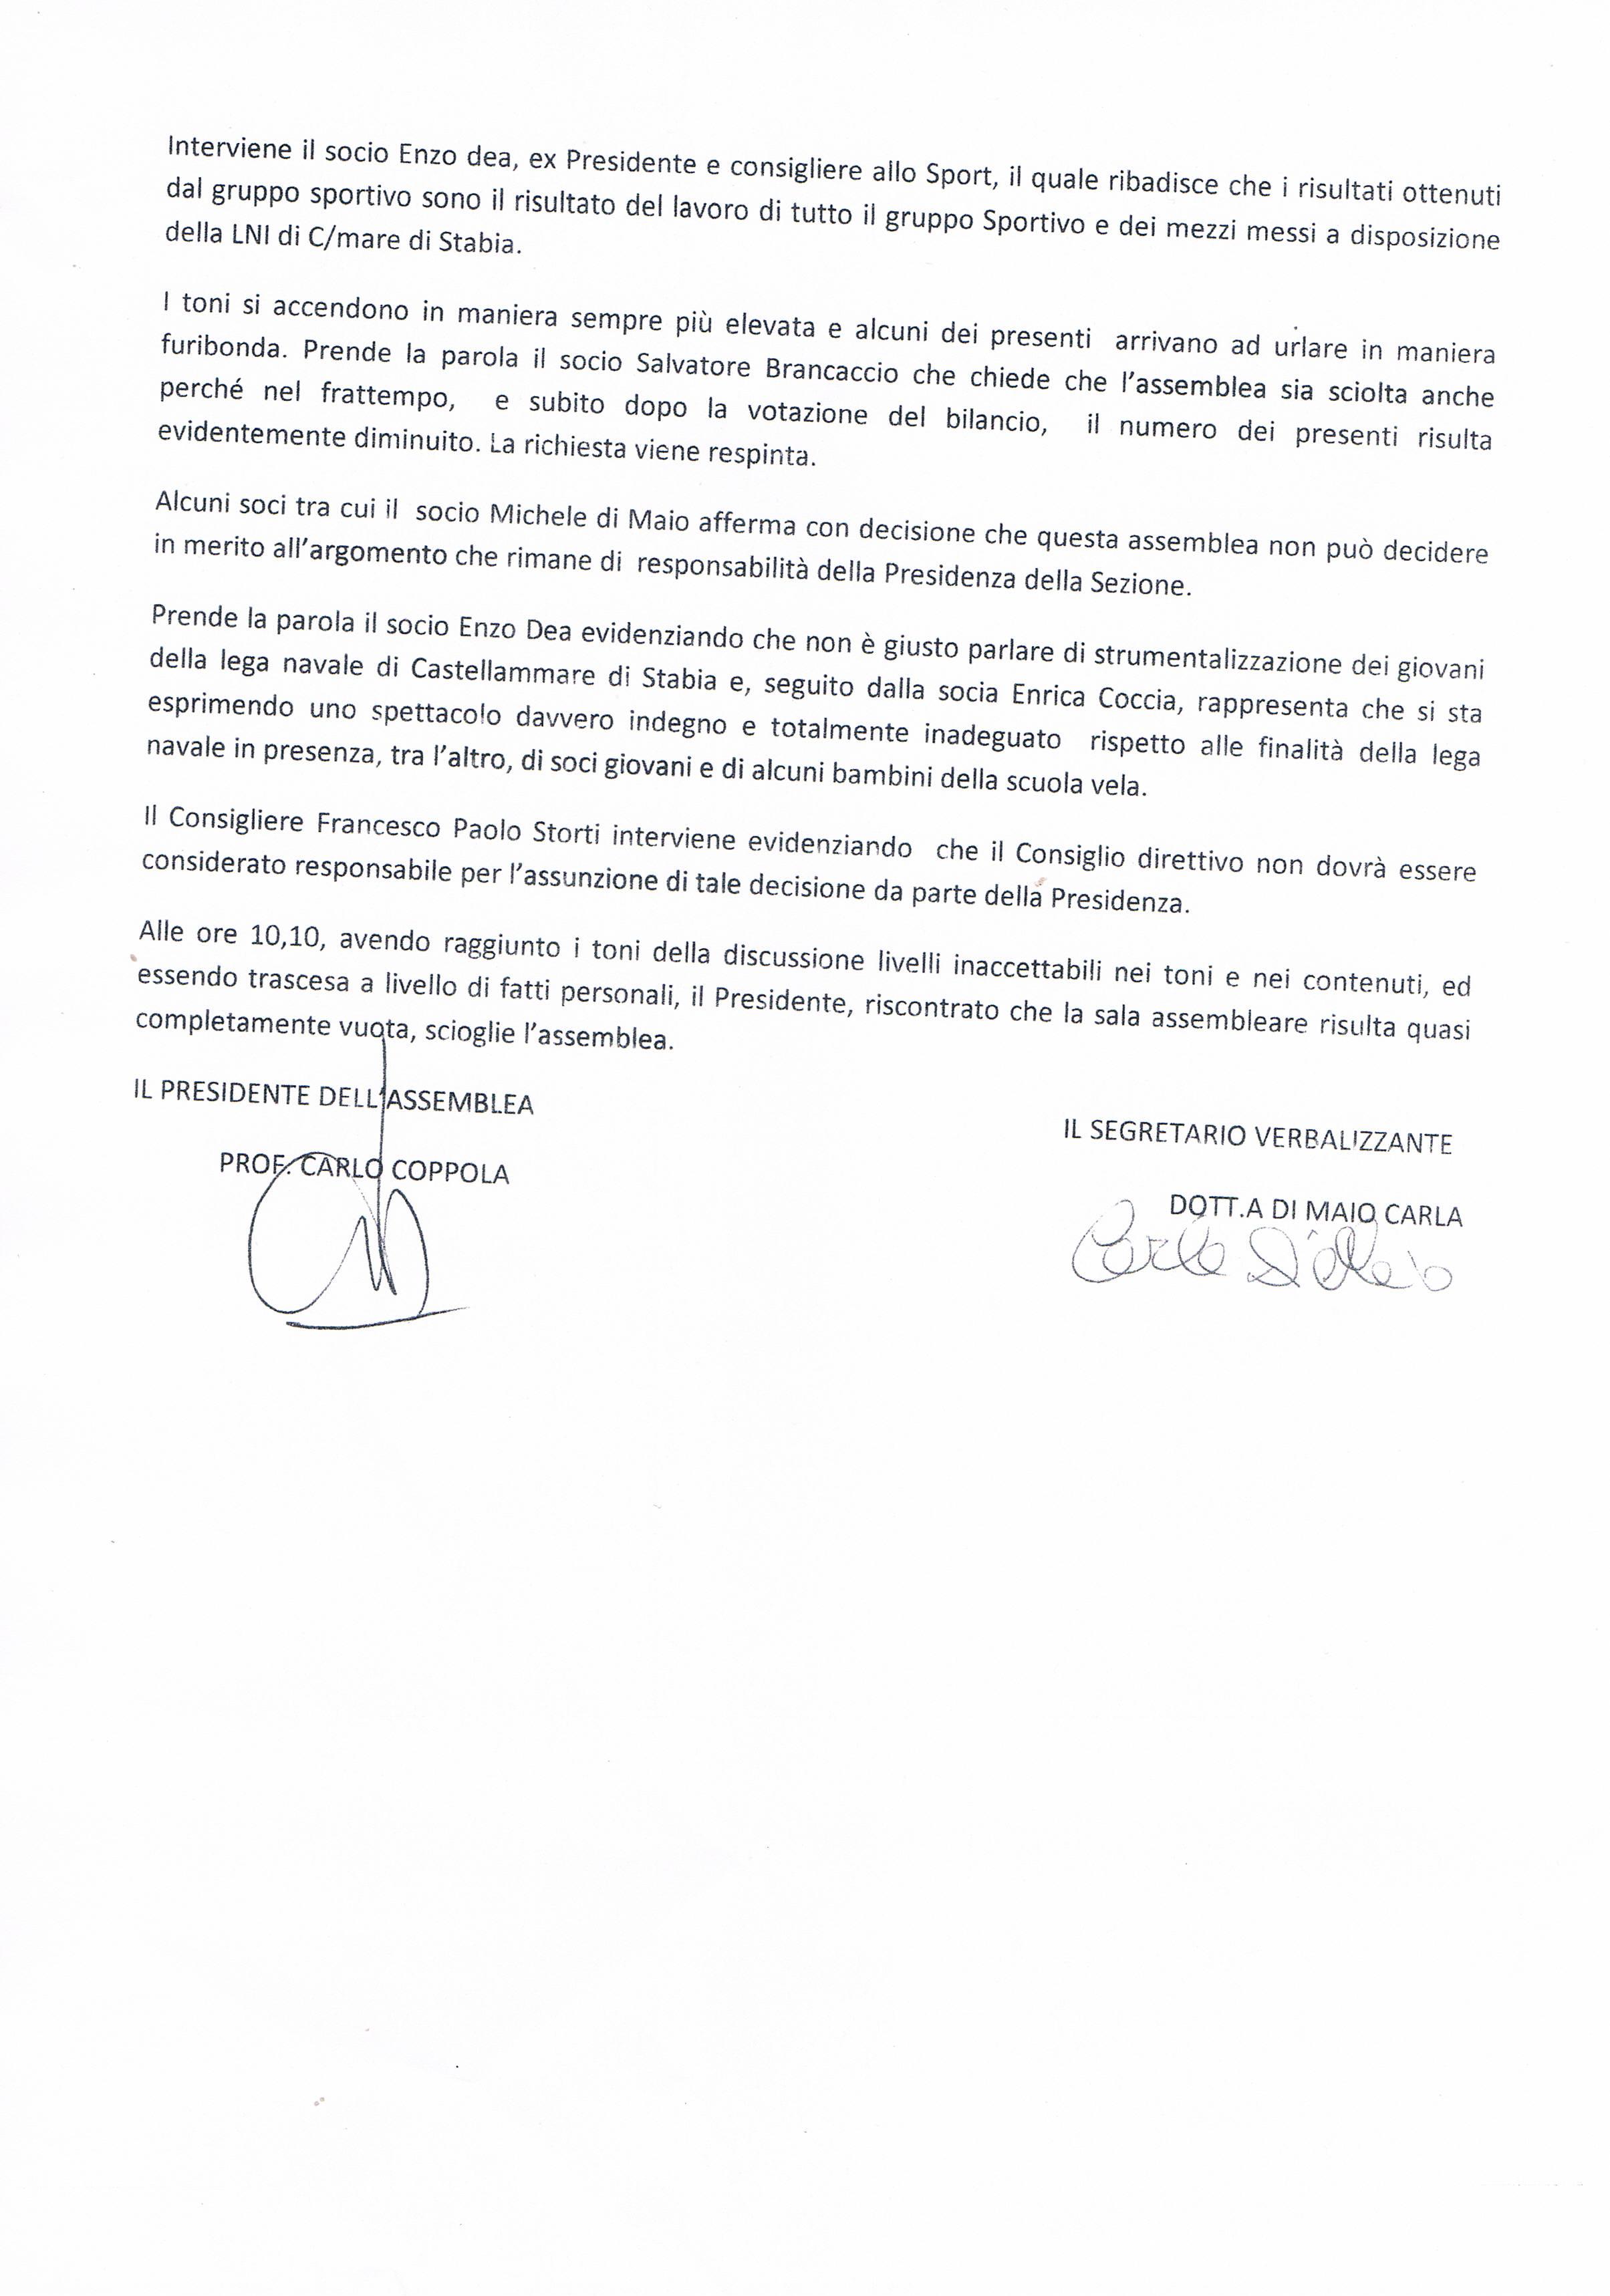 https://www.leganavalestabia.it/immagini_articoli/miniature/11417034114.jpg